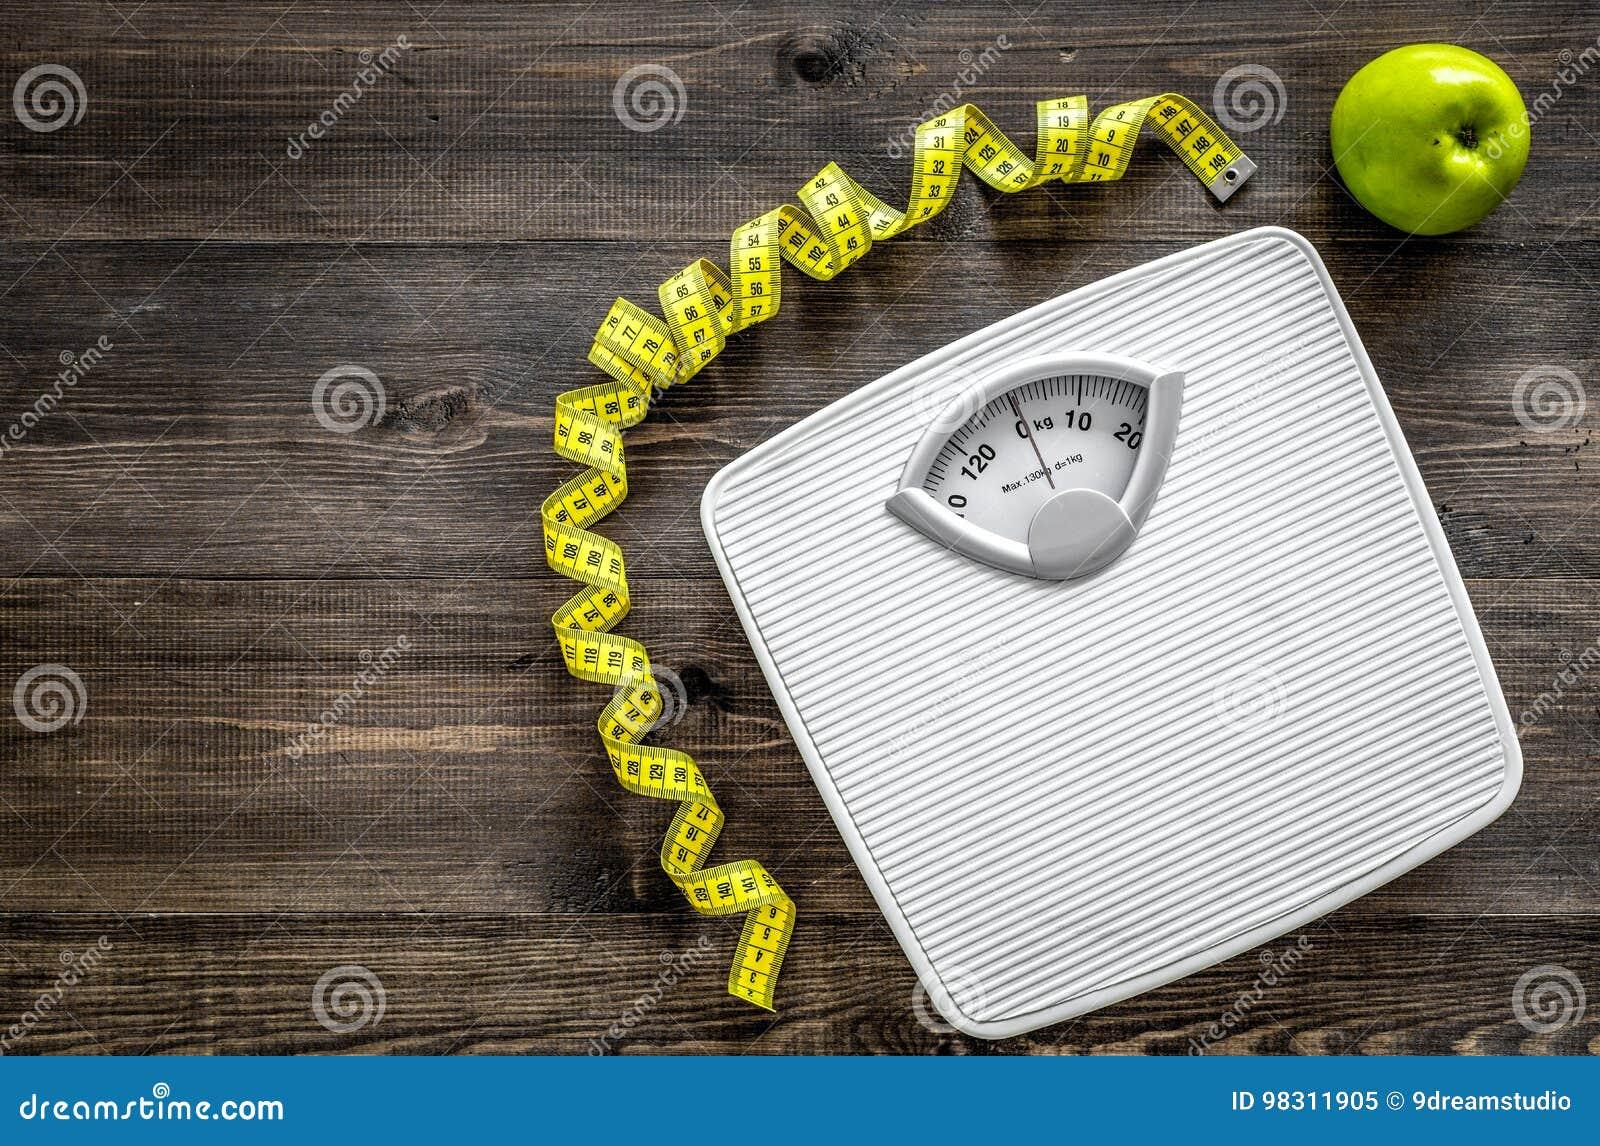 Perca o conceito do peso Escala de banheiro, fita de medição, maçãs no copyspace de madeira da opinião superior do fundo